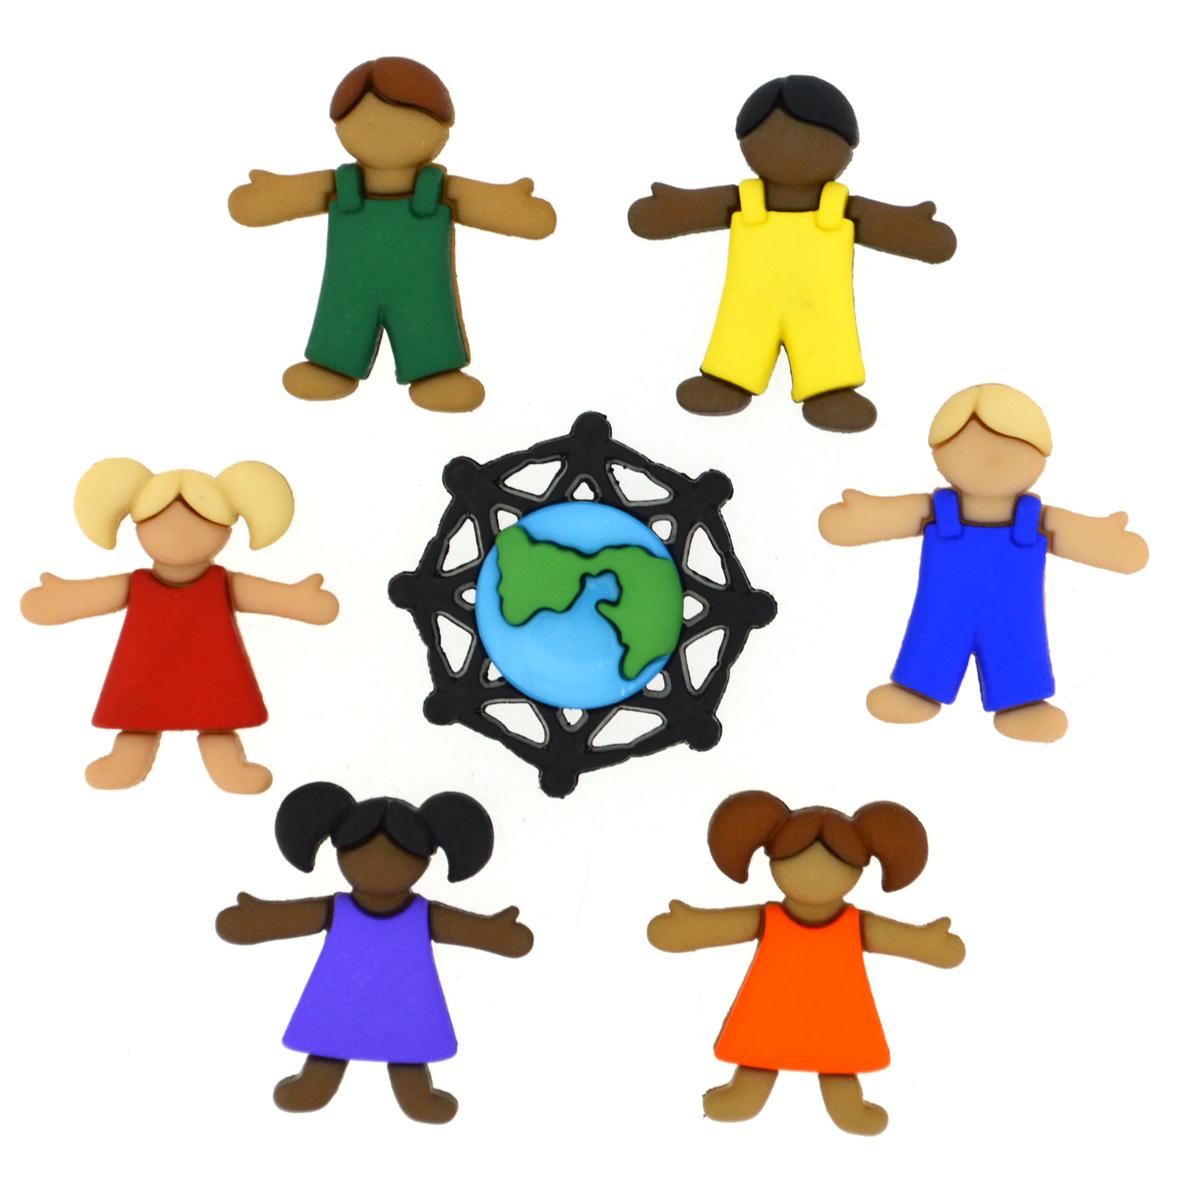 Пуговицы декоративные Dress It Up Дети Земли, 7 шт7713459Набор Dress It Up Дети Земли состоит из 7 декоративных пуговиц, выполненных из высококачественного пластика в виде фигур детей и планеты На оборотной стороне изделие оснащено петелькой. Такие пуговицы подходят для любых видов творчества: скрапбукинга, декорирования, шитья, изготовления кукол, а также для оформления одежды. С их помощью вы сможете украсить открытку, фотографию, альбом, подарок и другие предметы ручной работы. Все пуговицы в наборе имеют оригинальный и яркий дизайн. Средний размер пуговицы: 2,5 см х 2,3 см х 0,5 см.